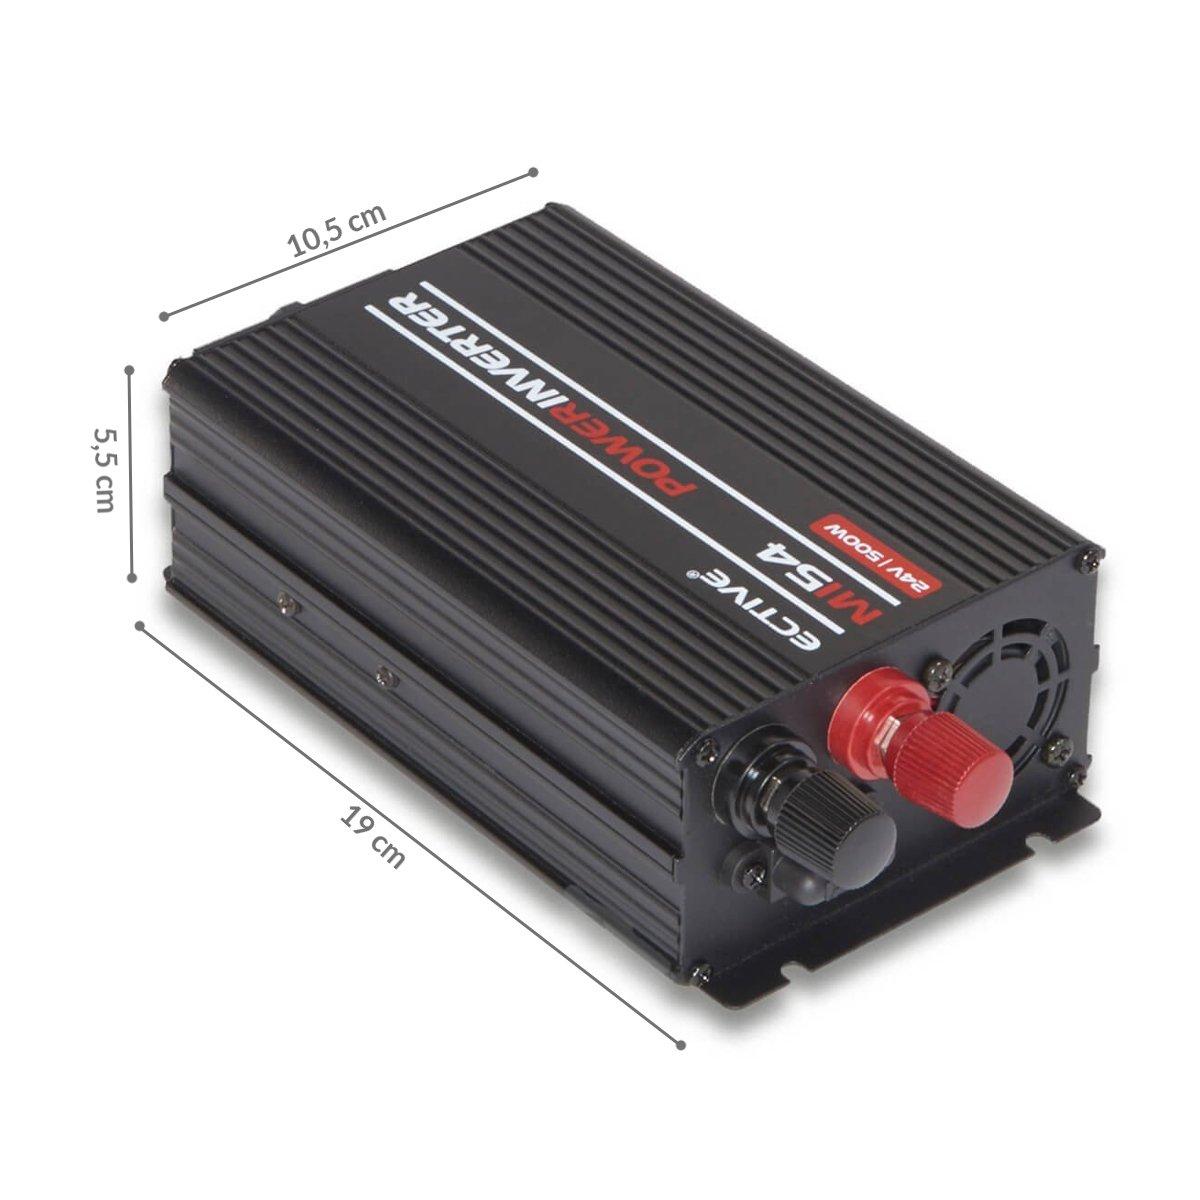 300W ECTIVE 1500W 12V zu 230V MI-Serie Wechselrichter mit modifizierter Sinuswelle in 7 Varianten 3000W